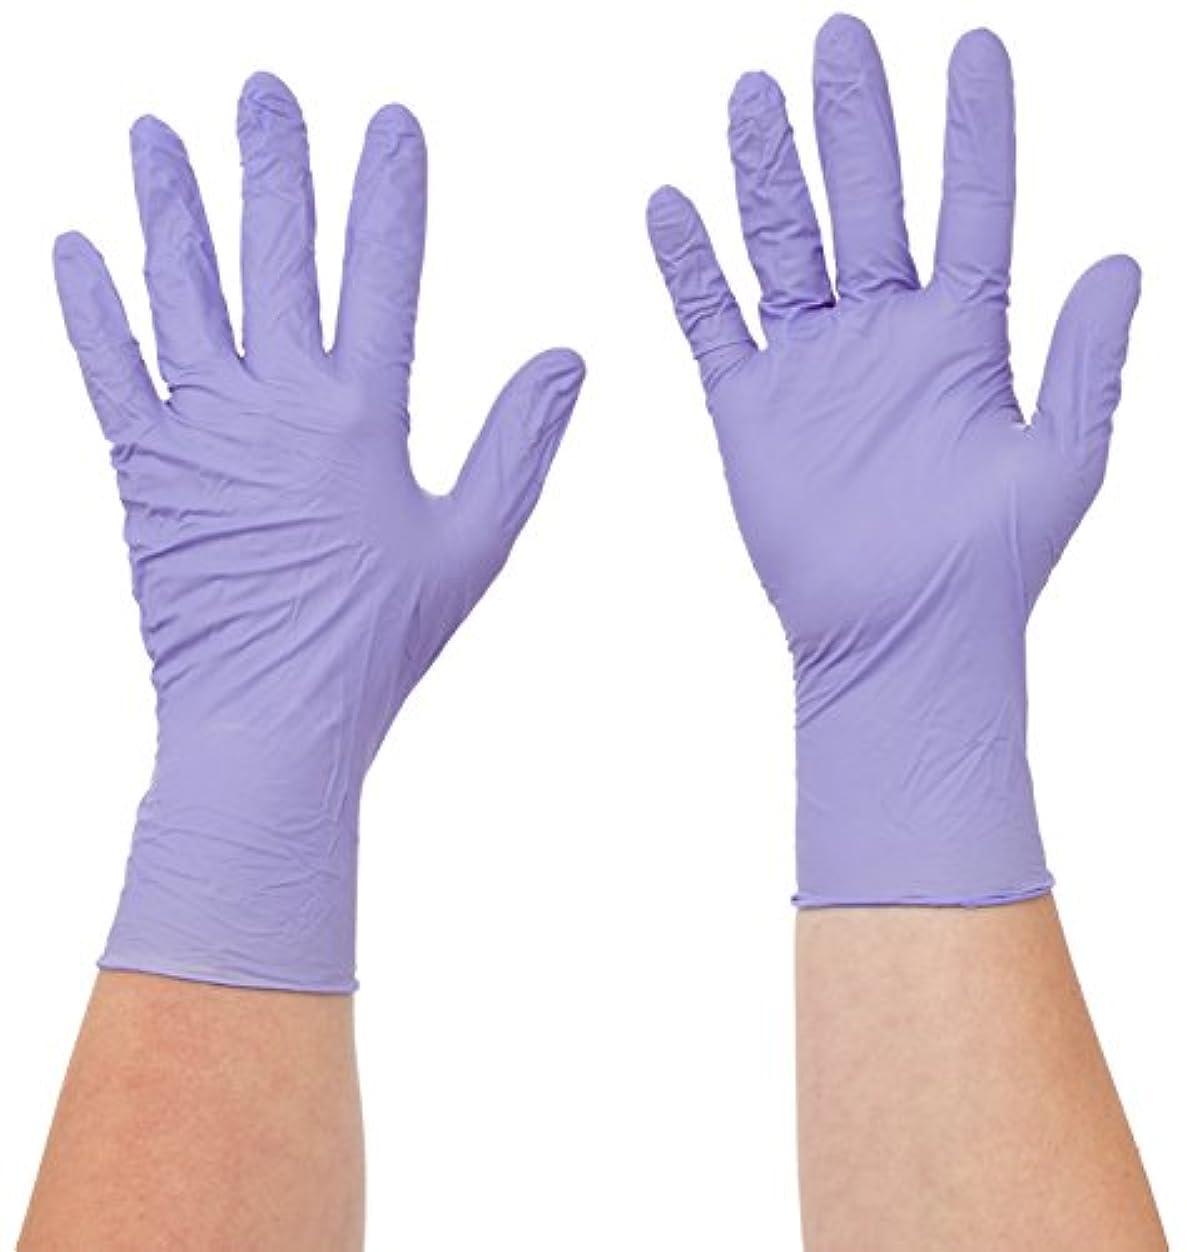 自分の核マキシムSemperit 使い捨てニトリル手袋 Xtra Lite 0.14mm 粉無(入数:180枚) 3000001621